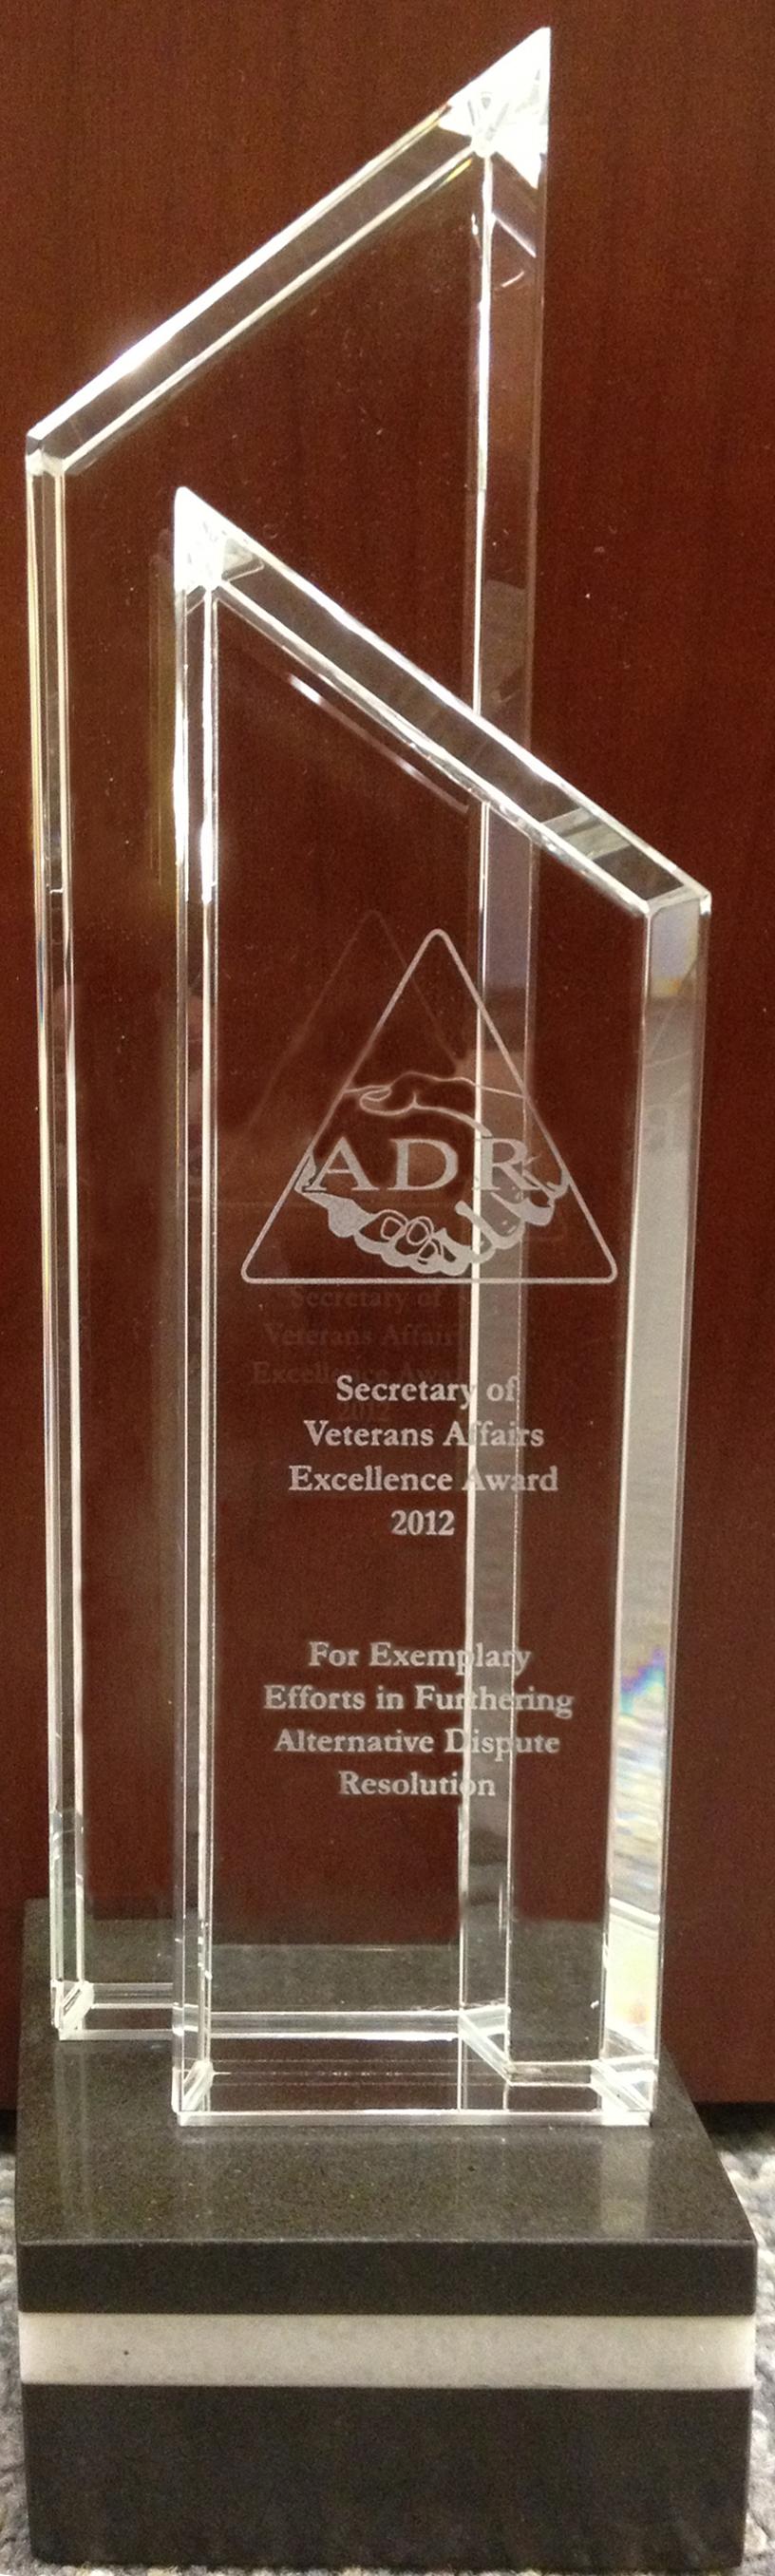 2013 ADR AWARDS - Alternative Dispute Resolution (ADR)